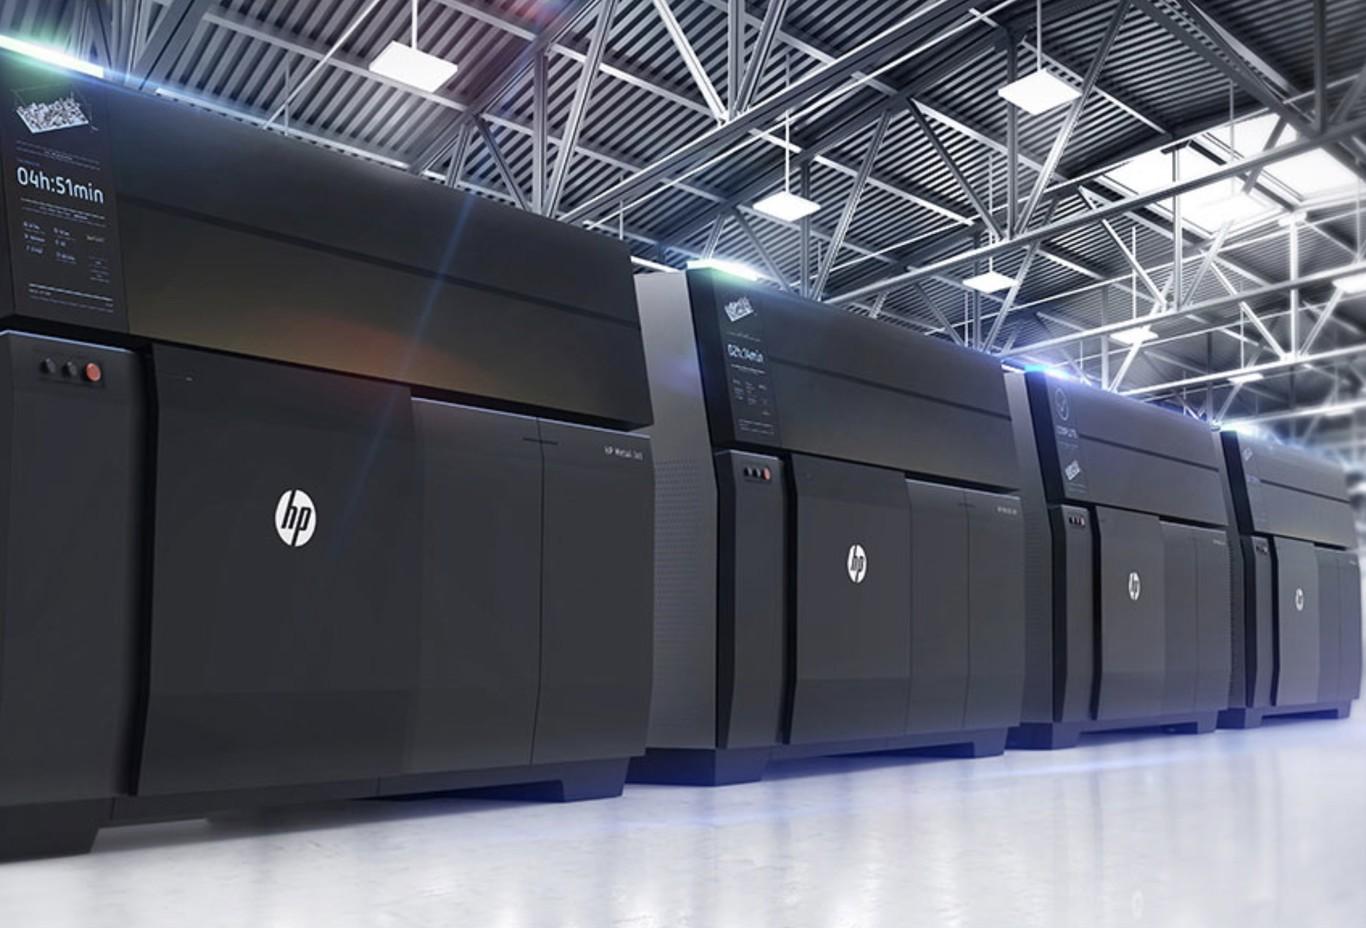 HP tiene una nueva impresora 3D, pero ésta imprime metales y está pensada para fabricar piezas de automóviles